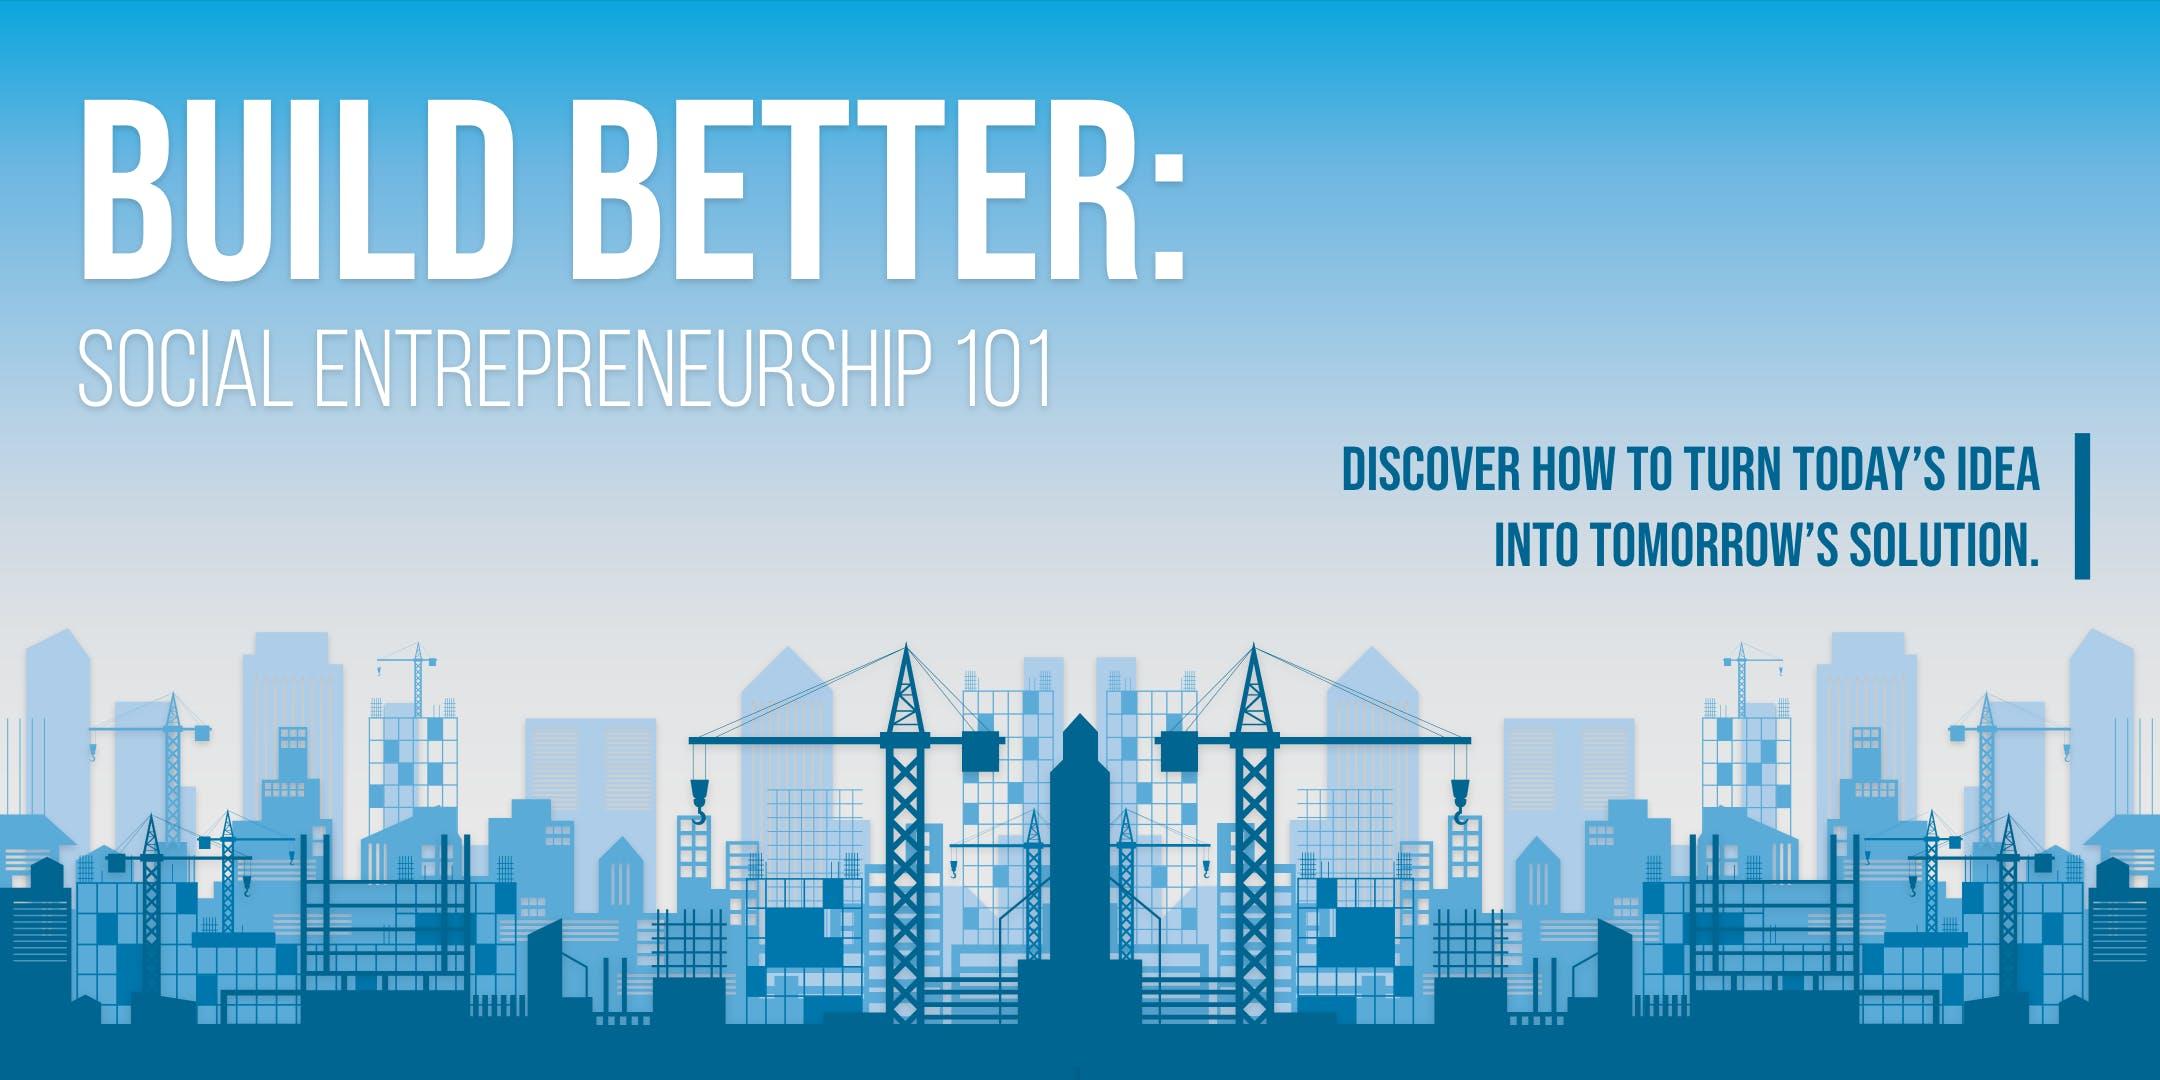 Build Better: Social Entrepreneurship 101